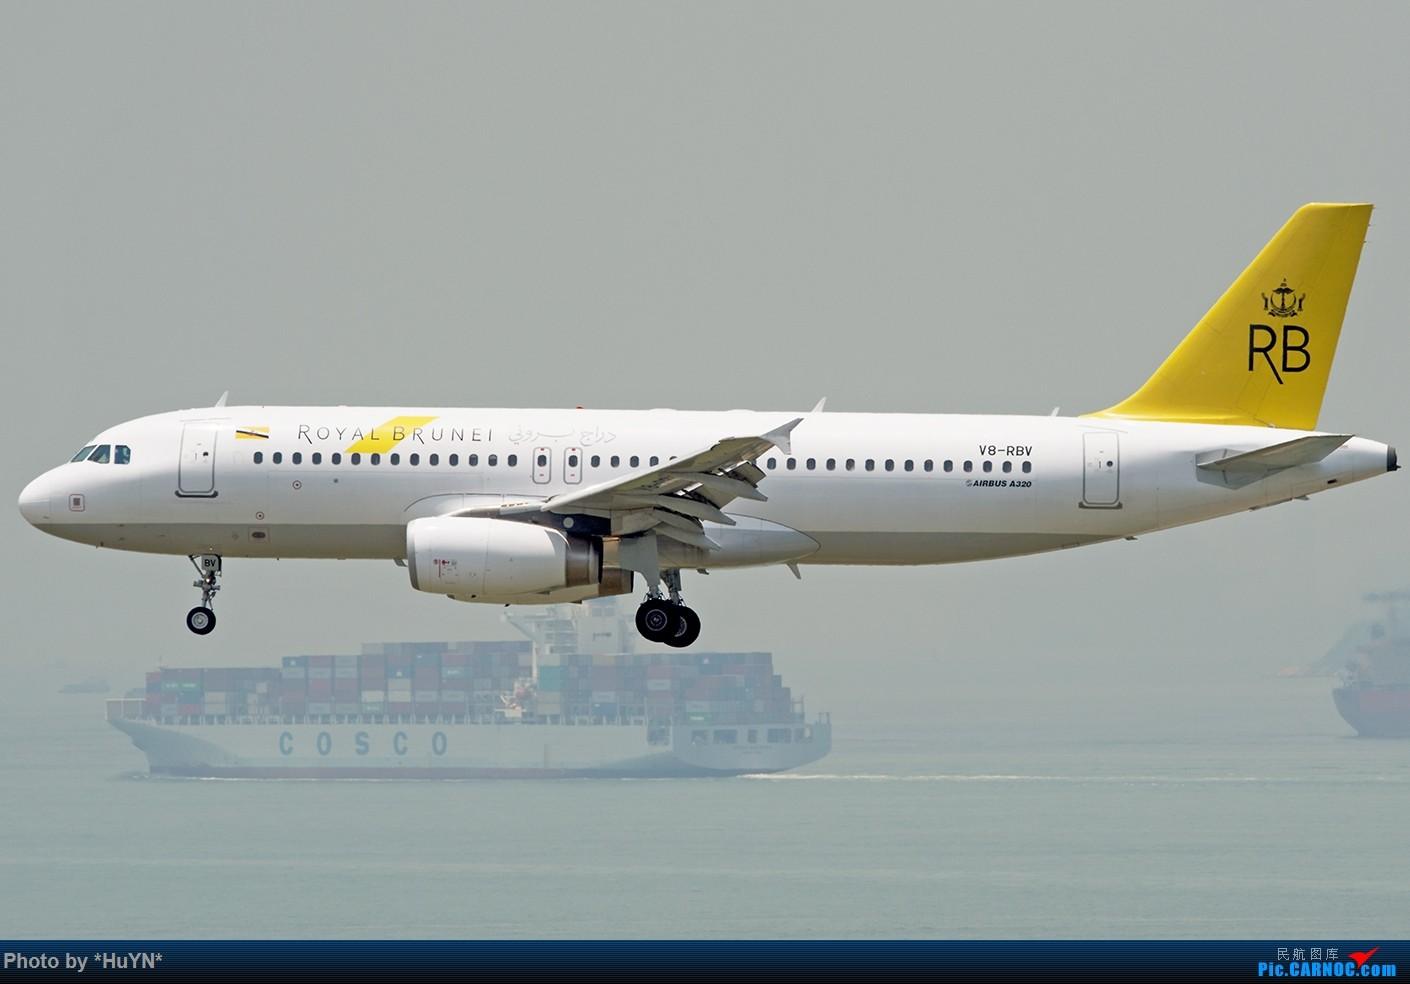 Re:[原创]存货一组(不看后悔) AIRBUS A320 V8-RBV 中国香港赤鱲角国际机场